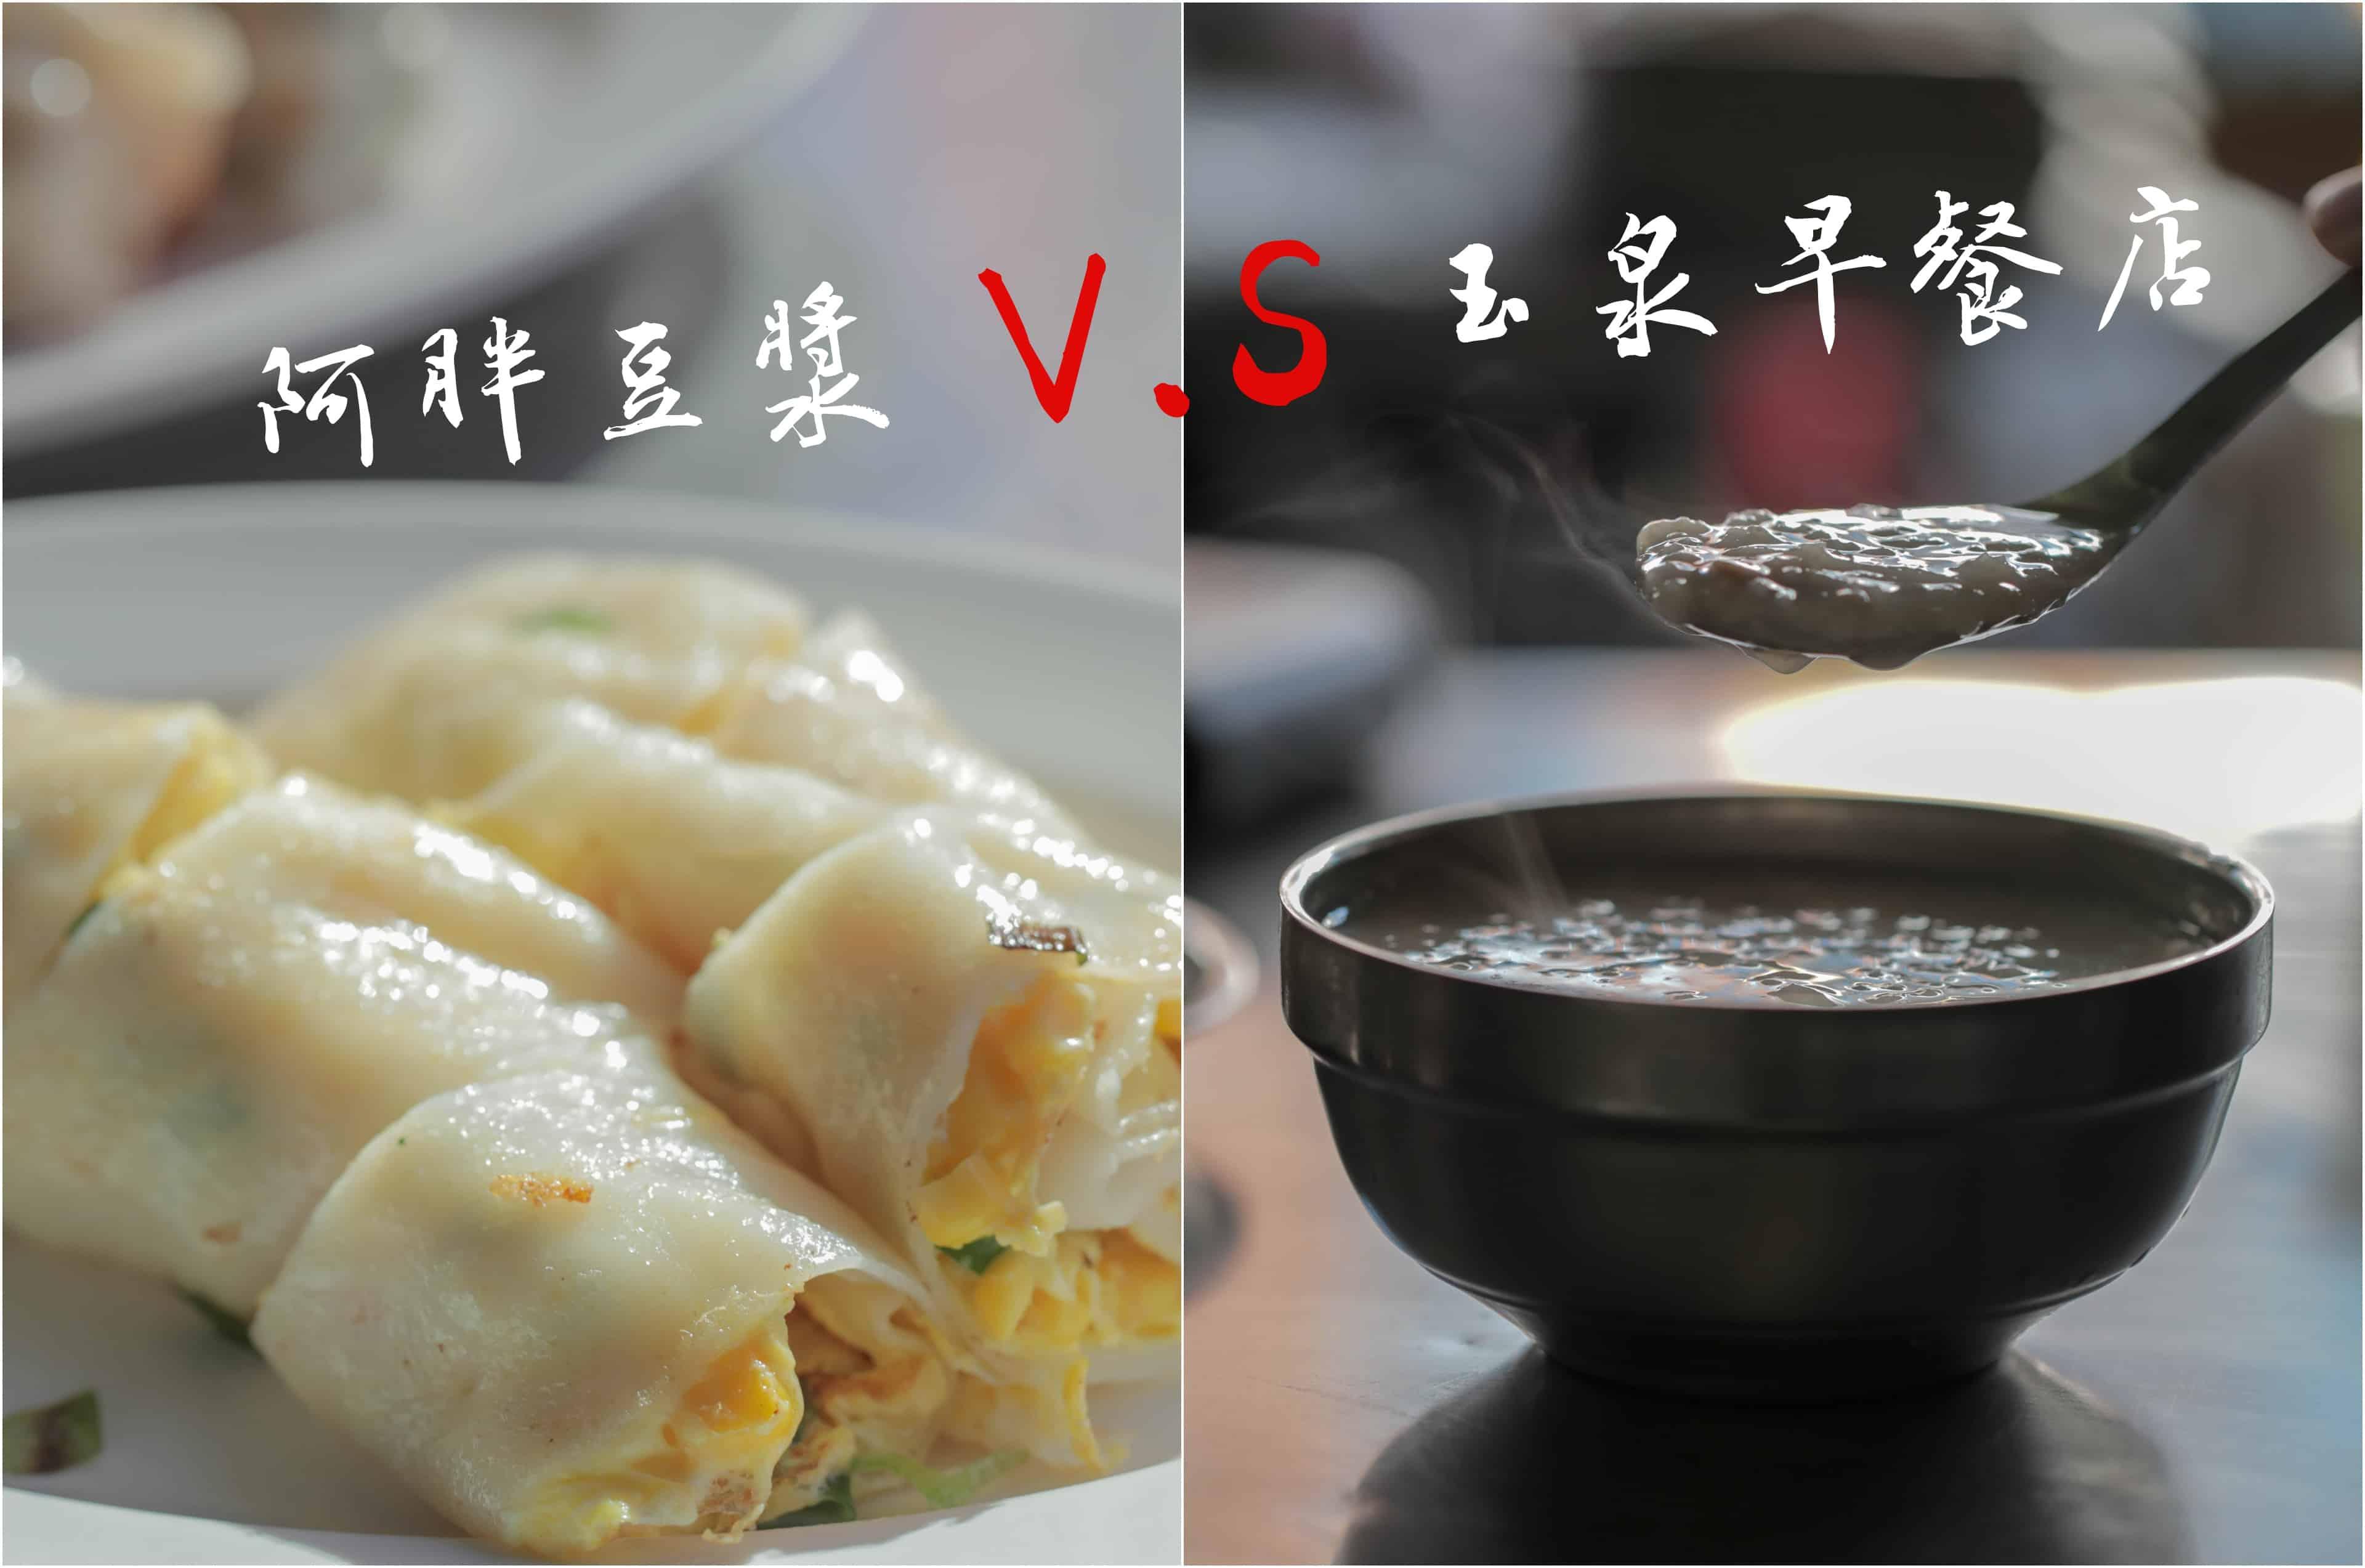 竹東早餐PK賽、阿胖豆漿&玉泉早餐店|新竹特色古早味!粄條蛋餅絕妙組合,在地人都愛的銅板美食